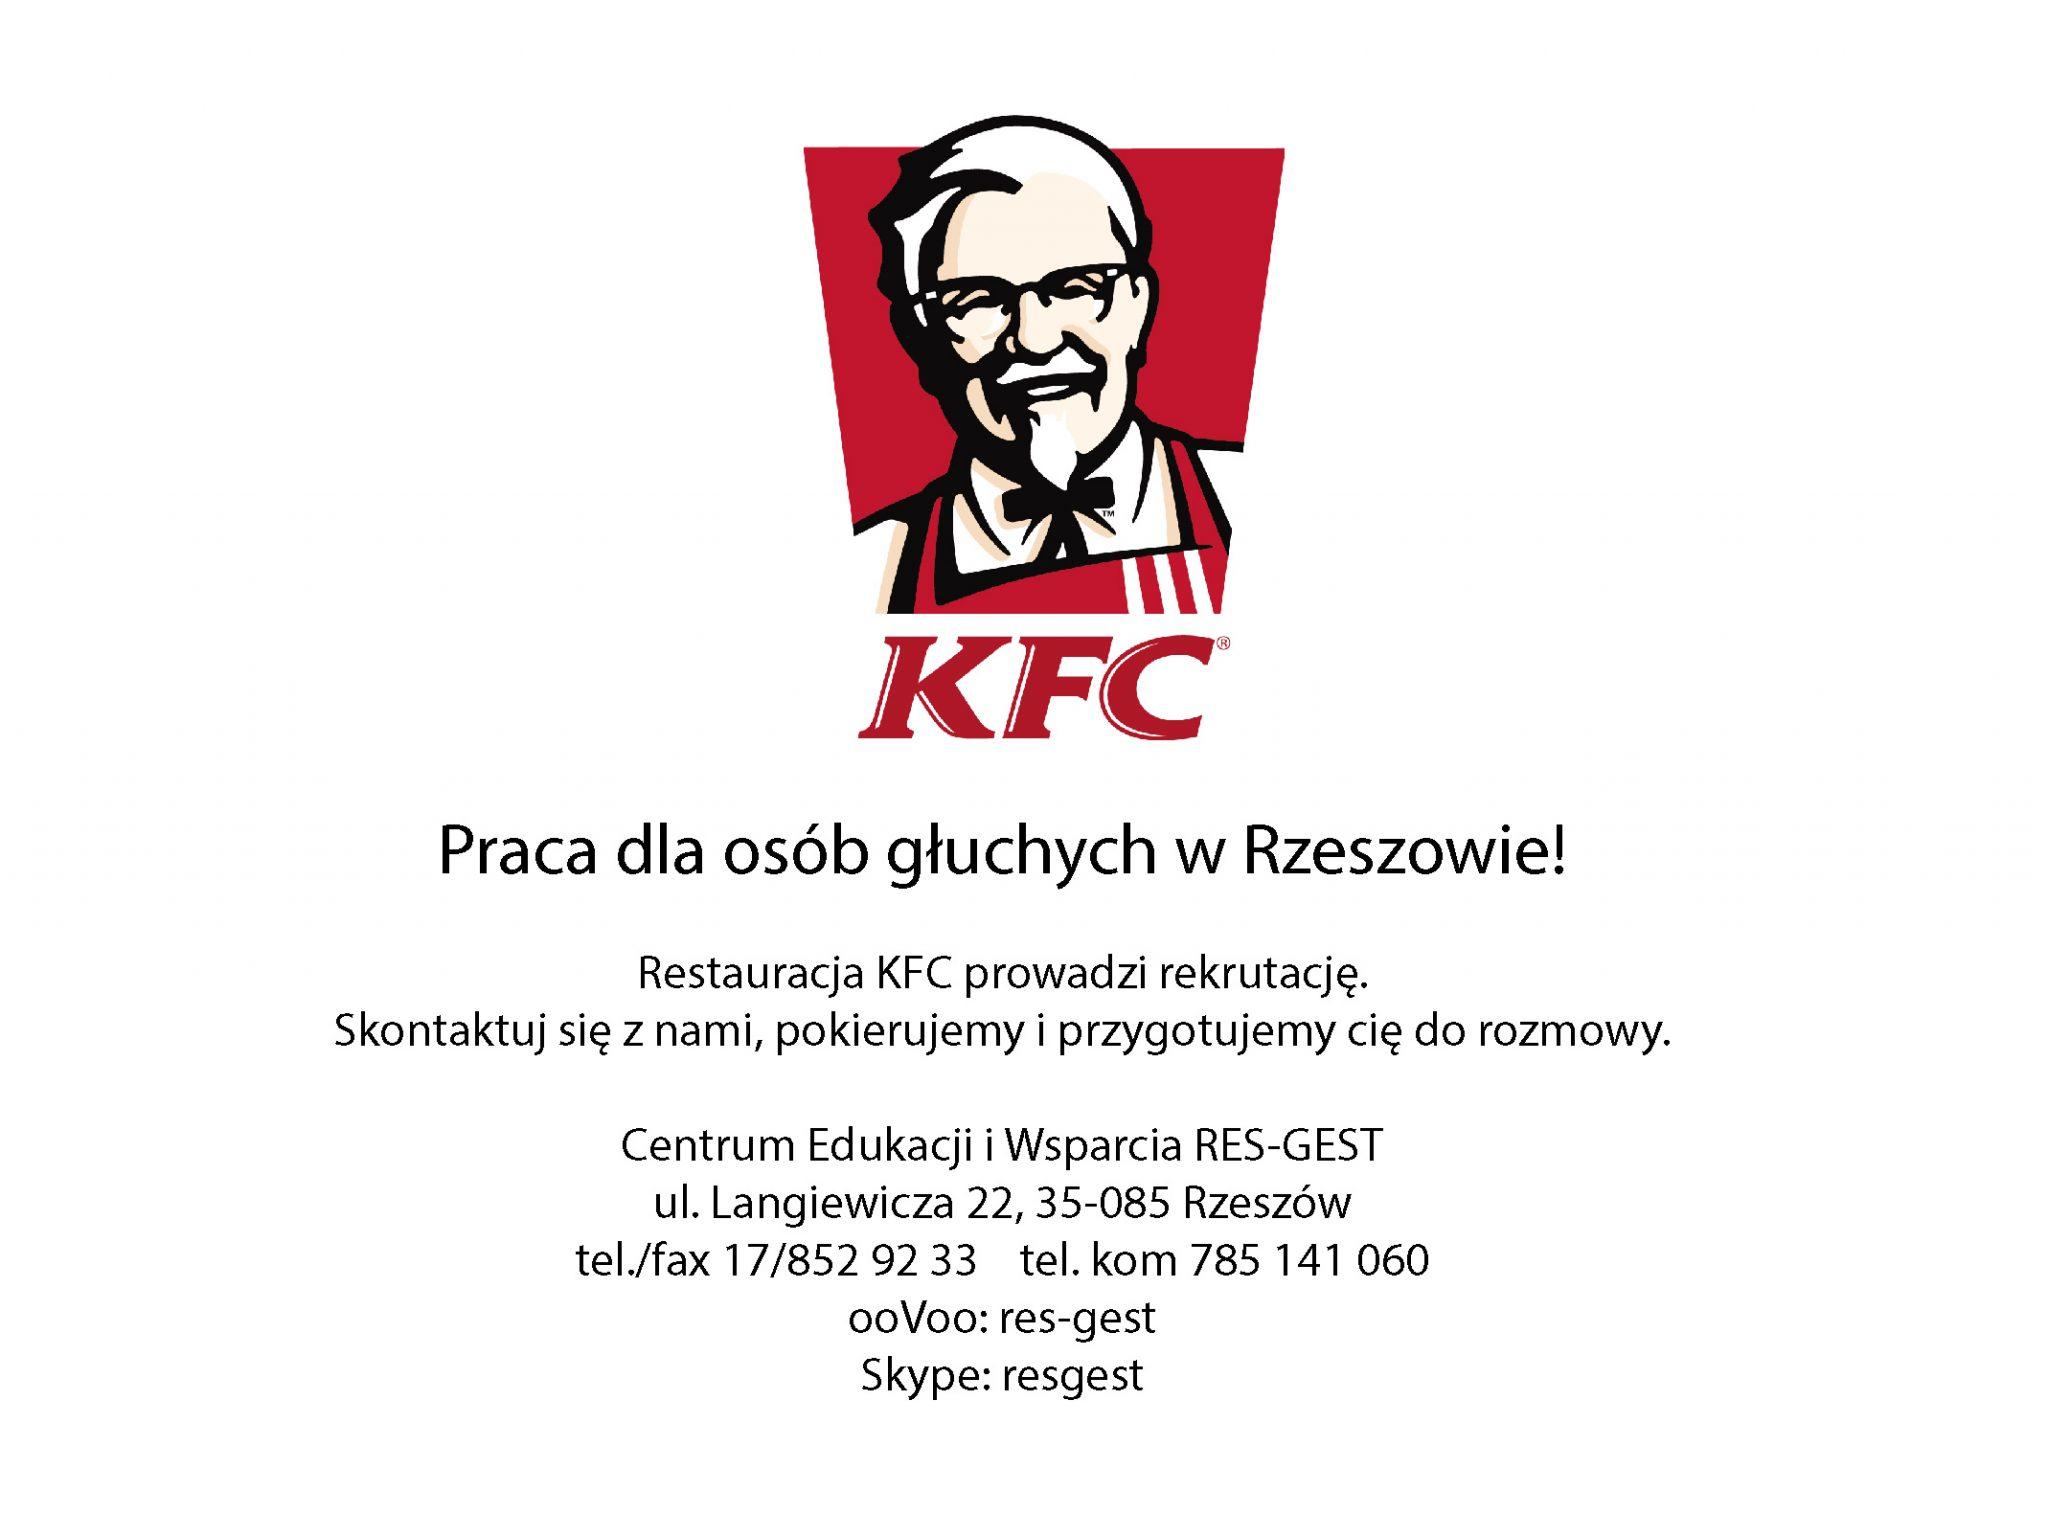 Praca dla osób głuchych w Rzeszowie!